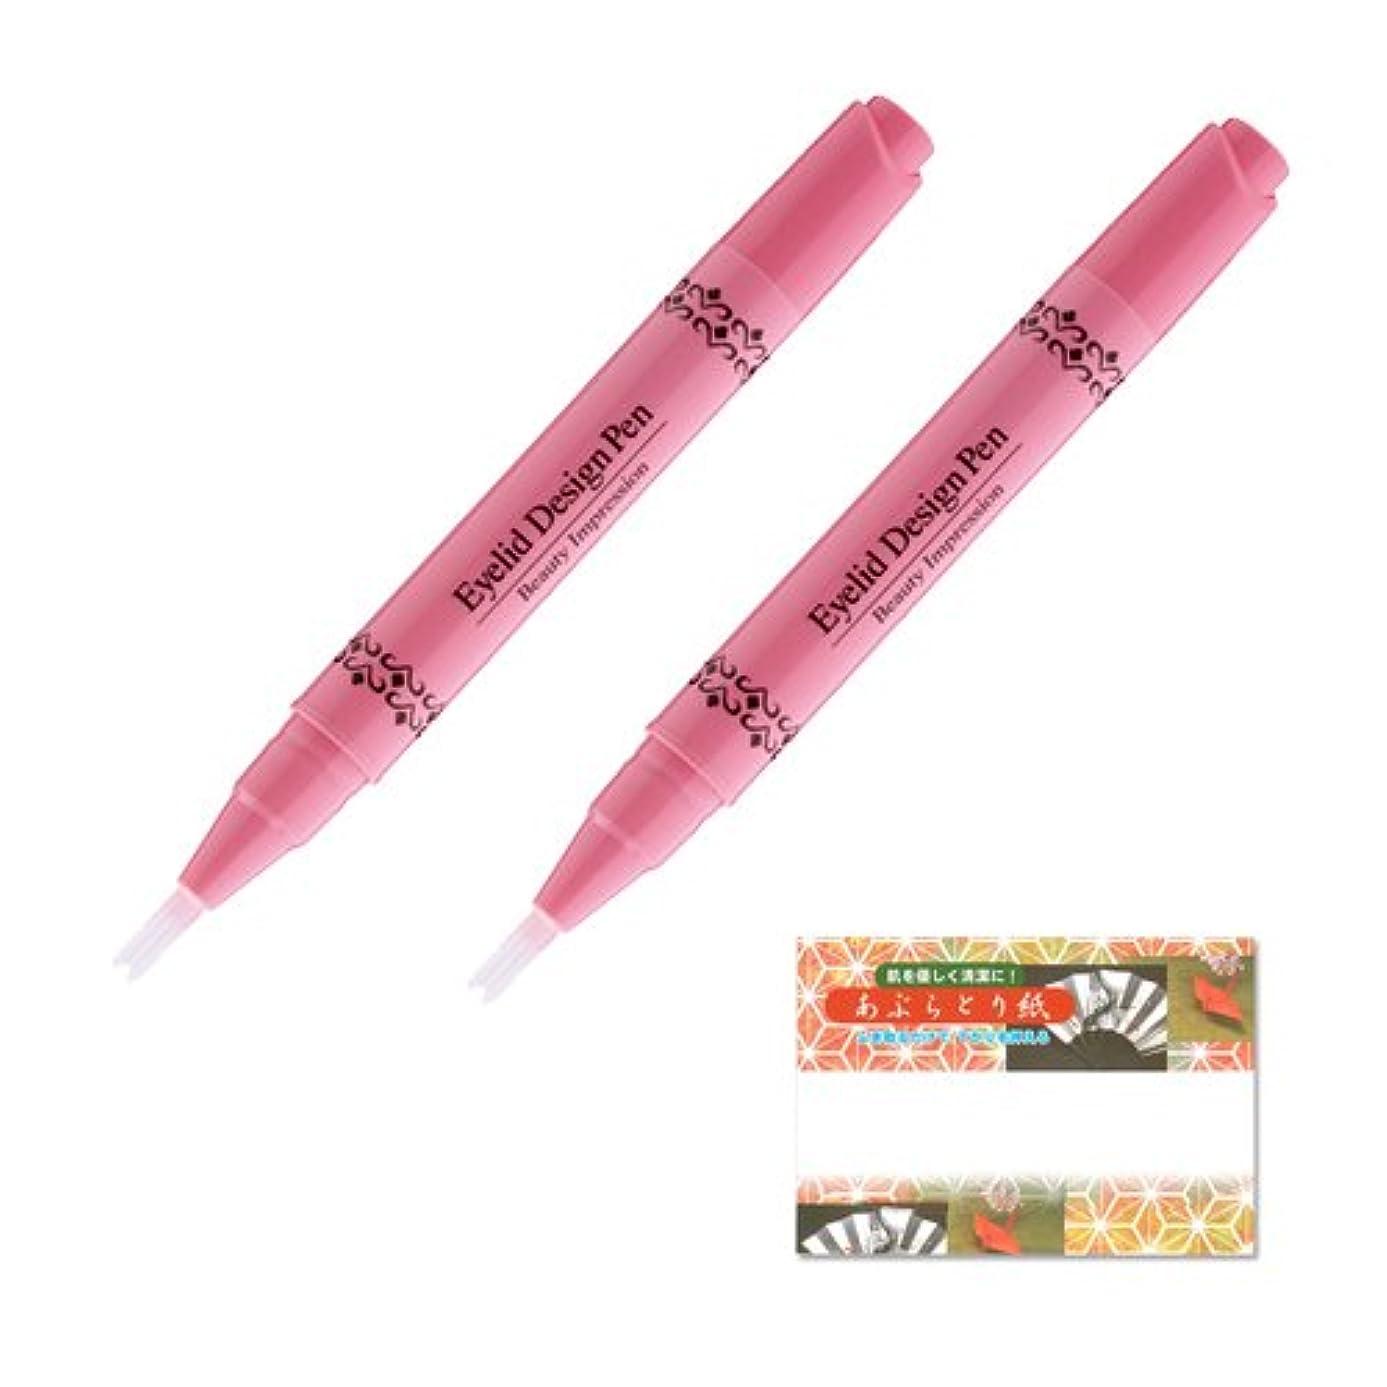 習熟度現像回転させるBeauty Impression アイリッドデザインペン 2ml (二重まぶた形成化粧品) ×2組 油取り紙のセット